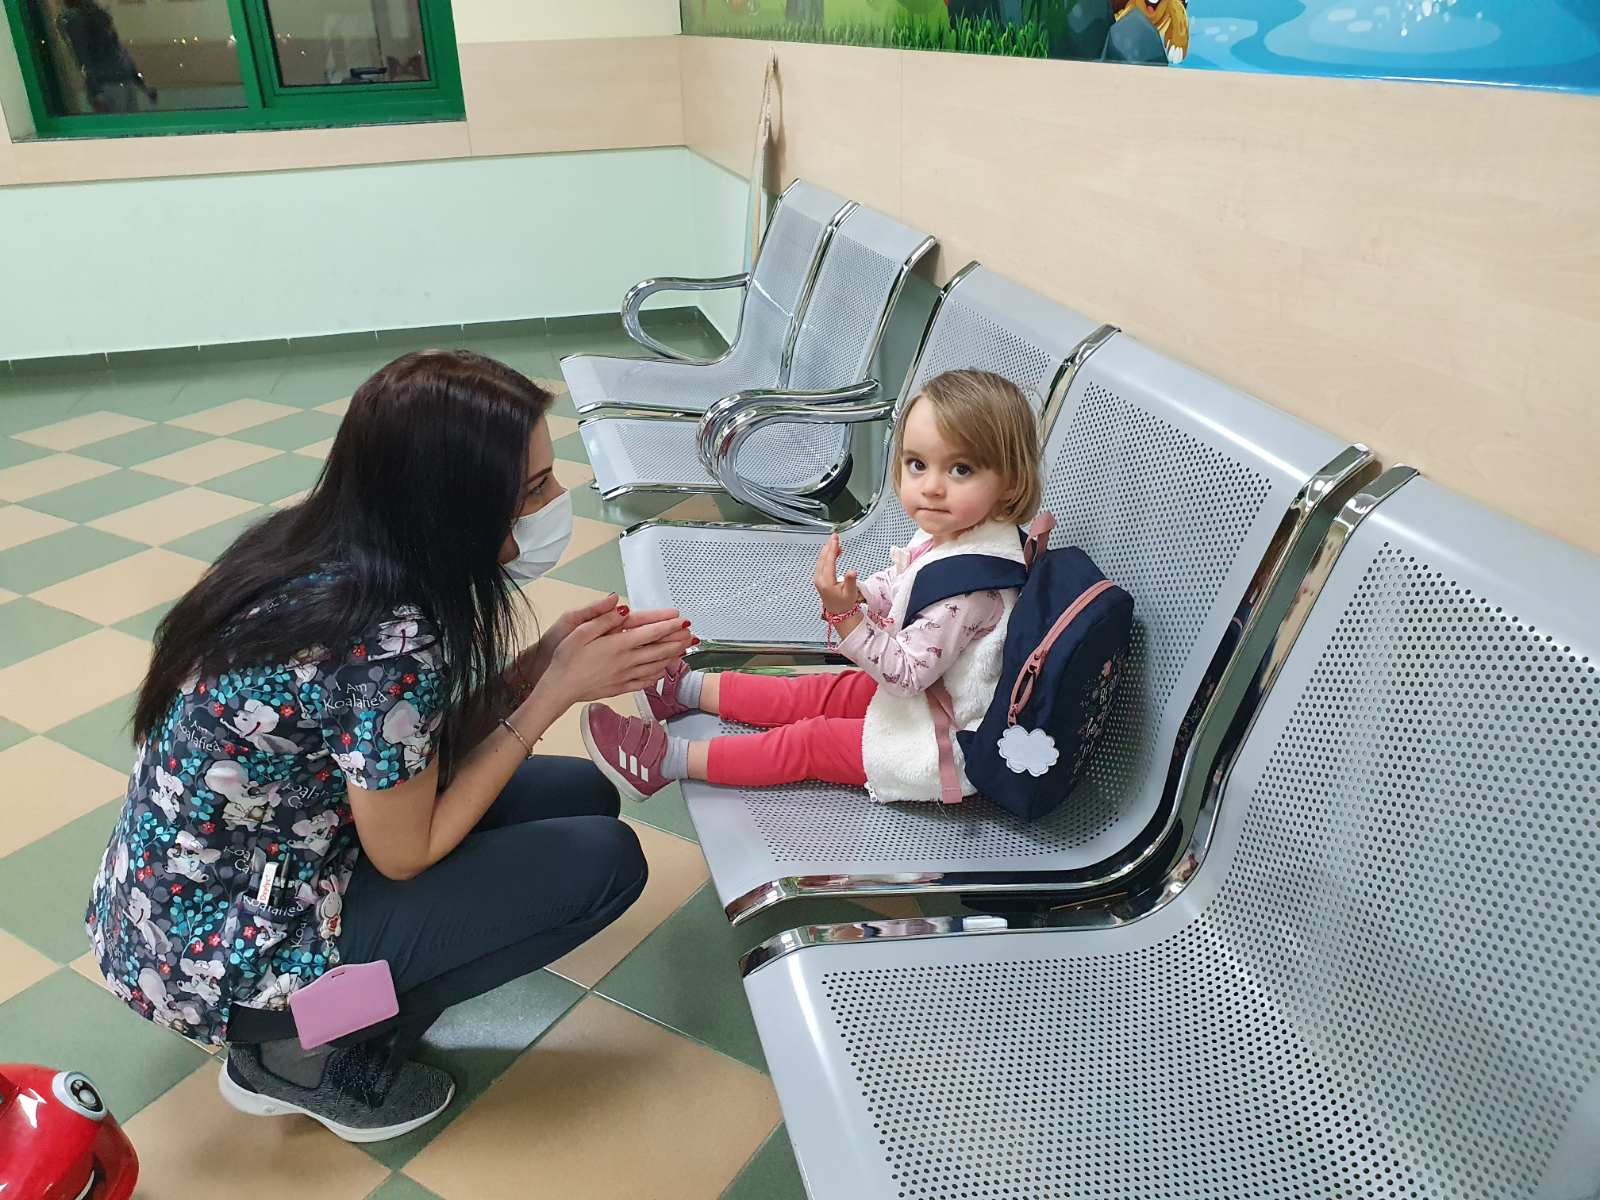 Д-р Ива Костова: Не имуностимулантите, а чистата храна и въздух са полезни за имунитета на децата